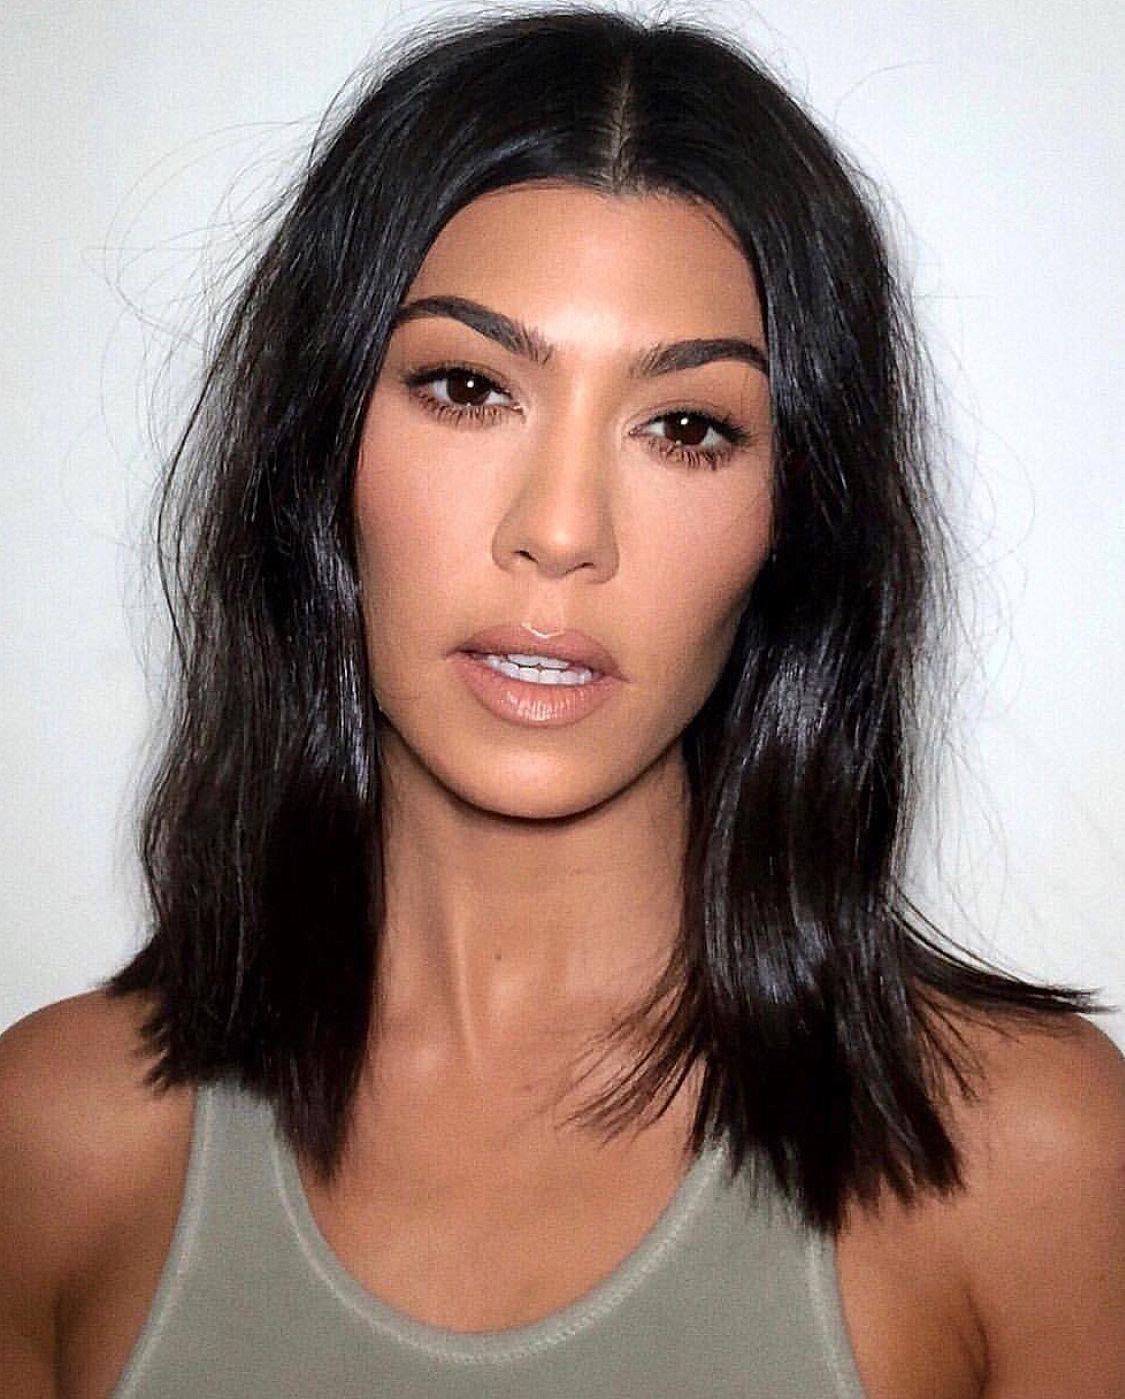 Kourtney Kardashian Short Haircut With Soft Waves Thin Hair Haircuts Kourtney Kardashian Hair Celebrity Hair Stylist